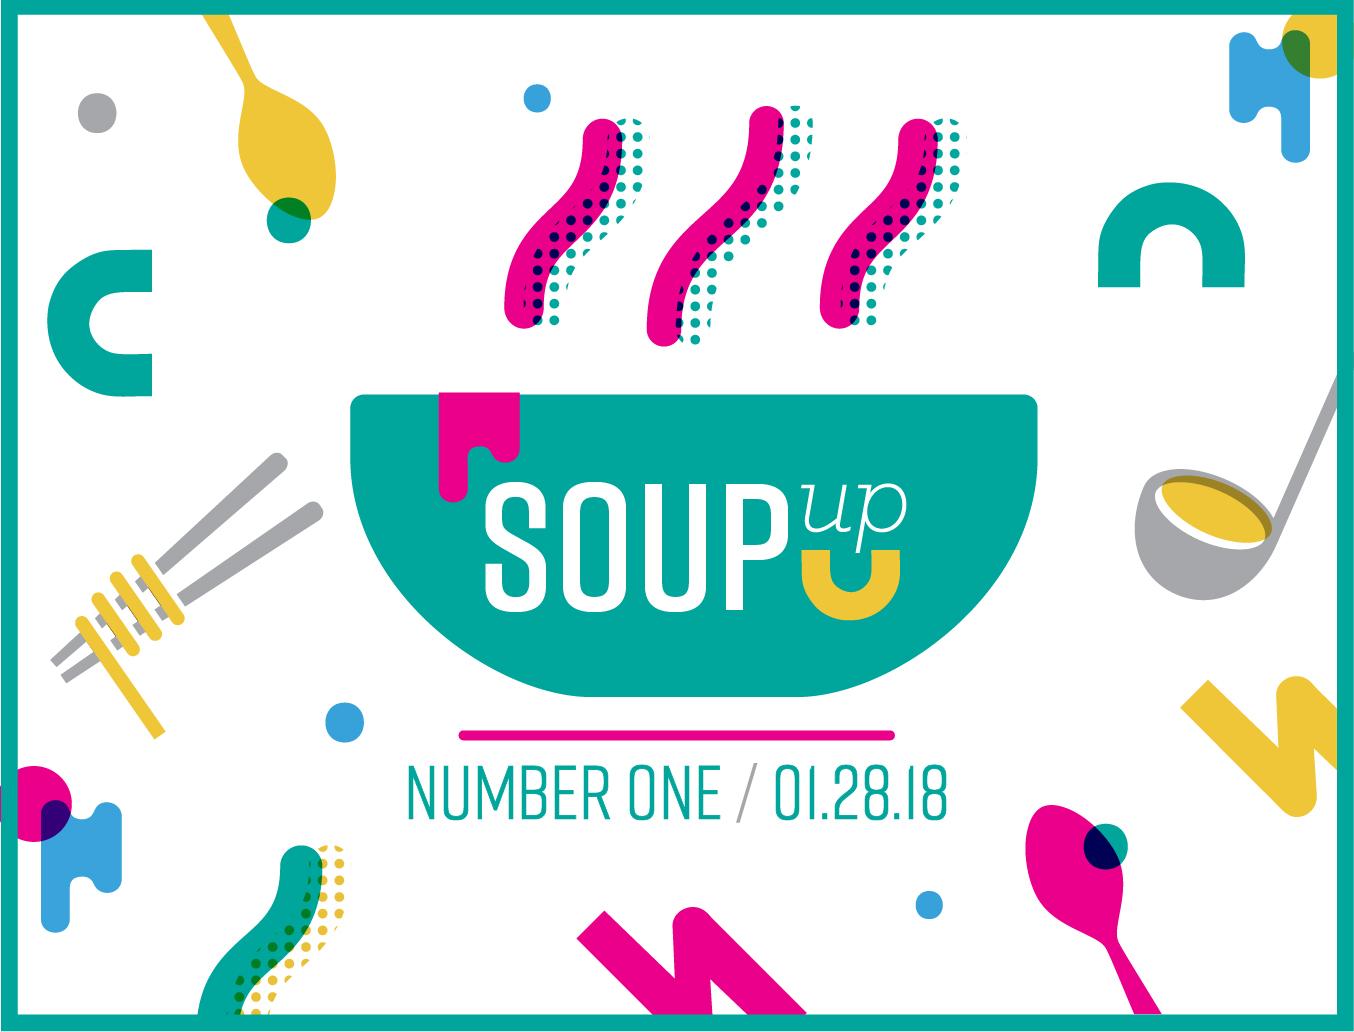 SoupUp_Working_#1-03.jpg